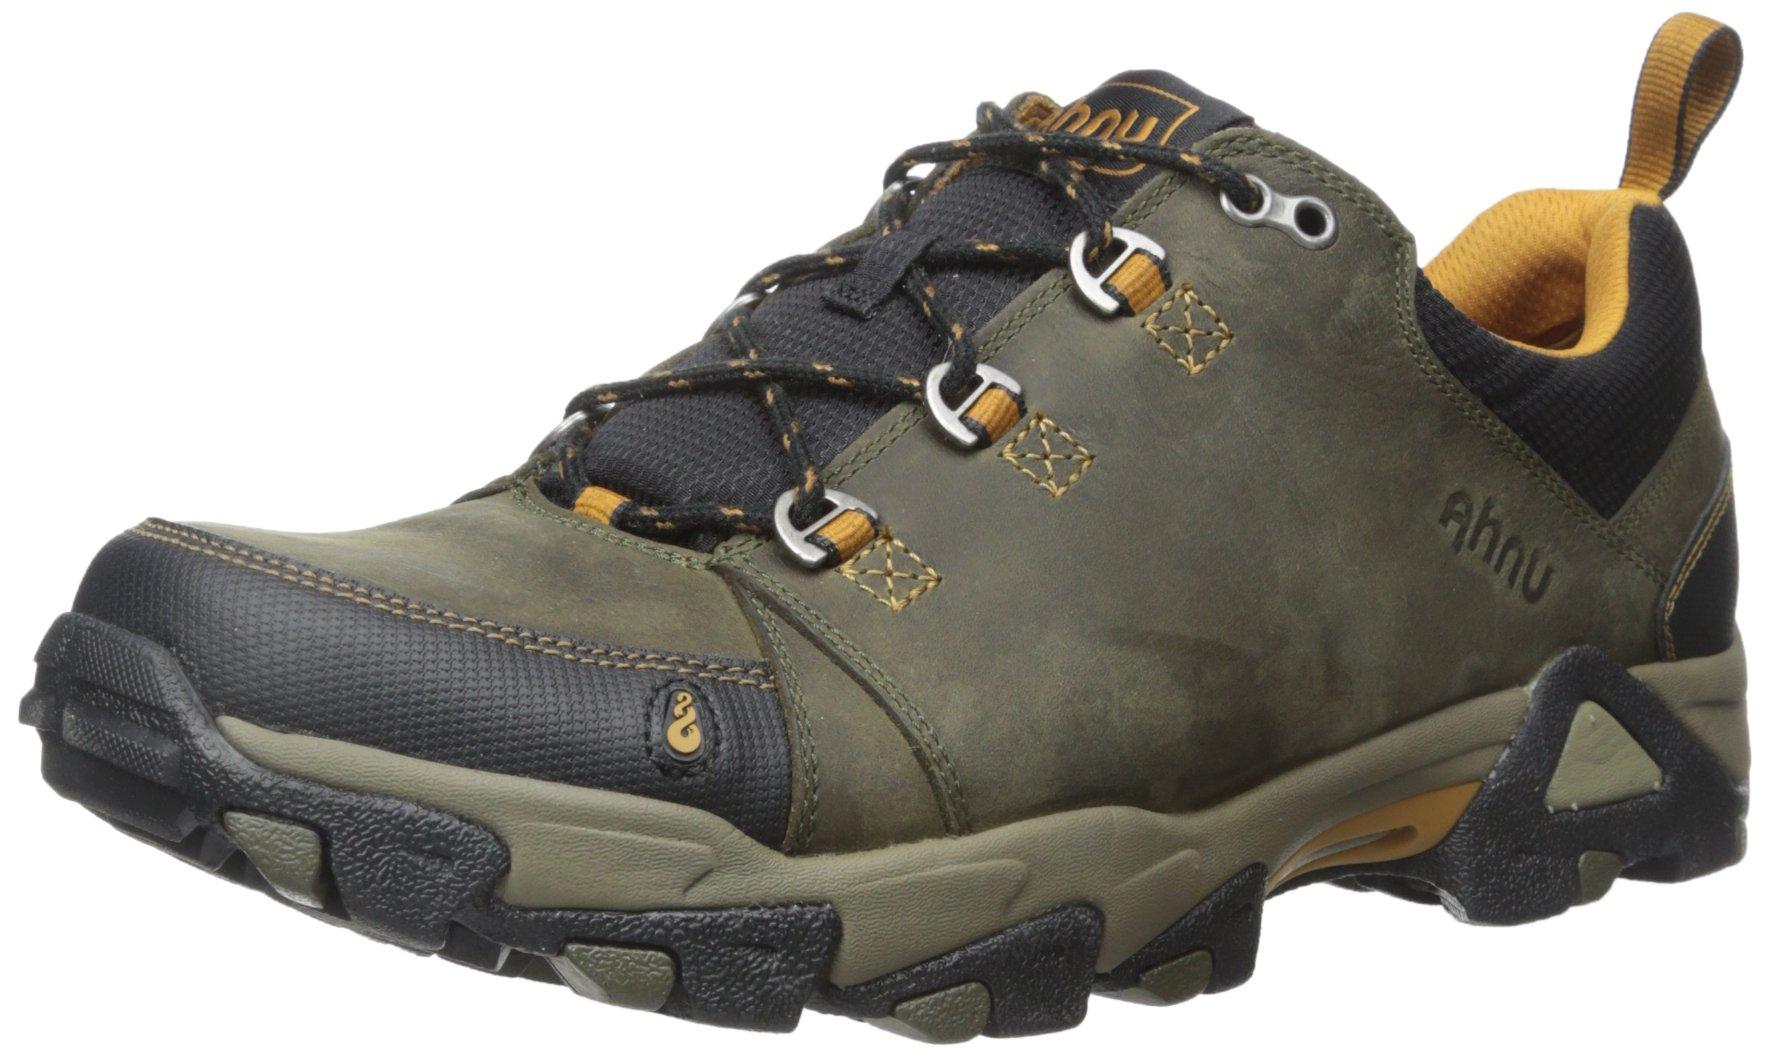 Ahnu Men's Coburn Low Hiking Shoe, Bunker Green, 7.5 M US